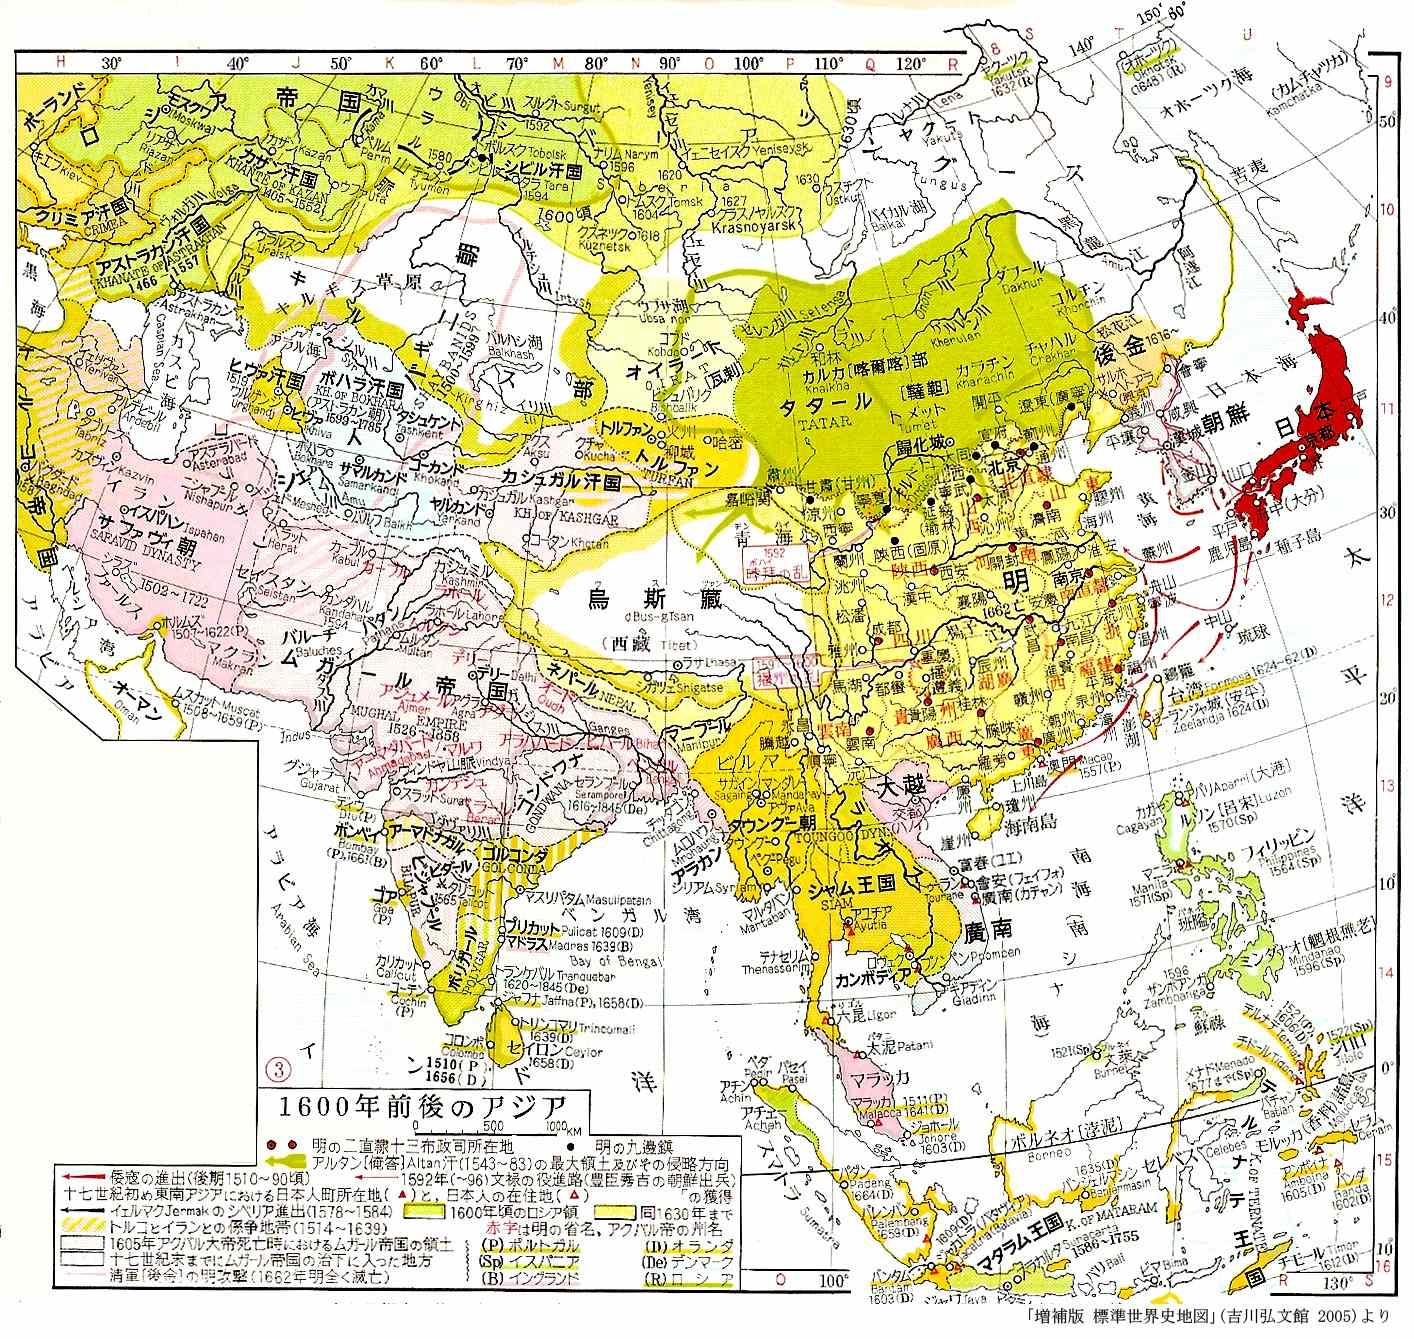 1600年前後のアジア (「増補版 標準世界史地図」(吉川弘文館 200... World Hi